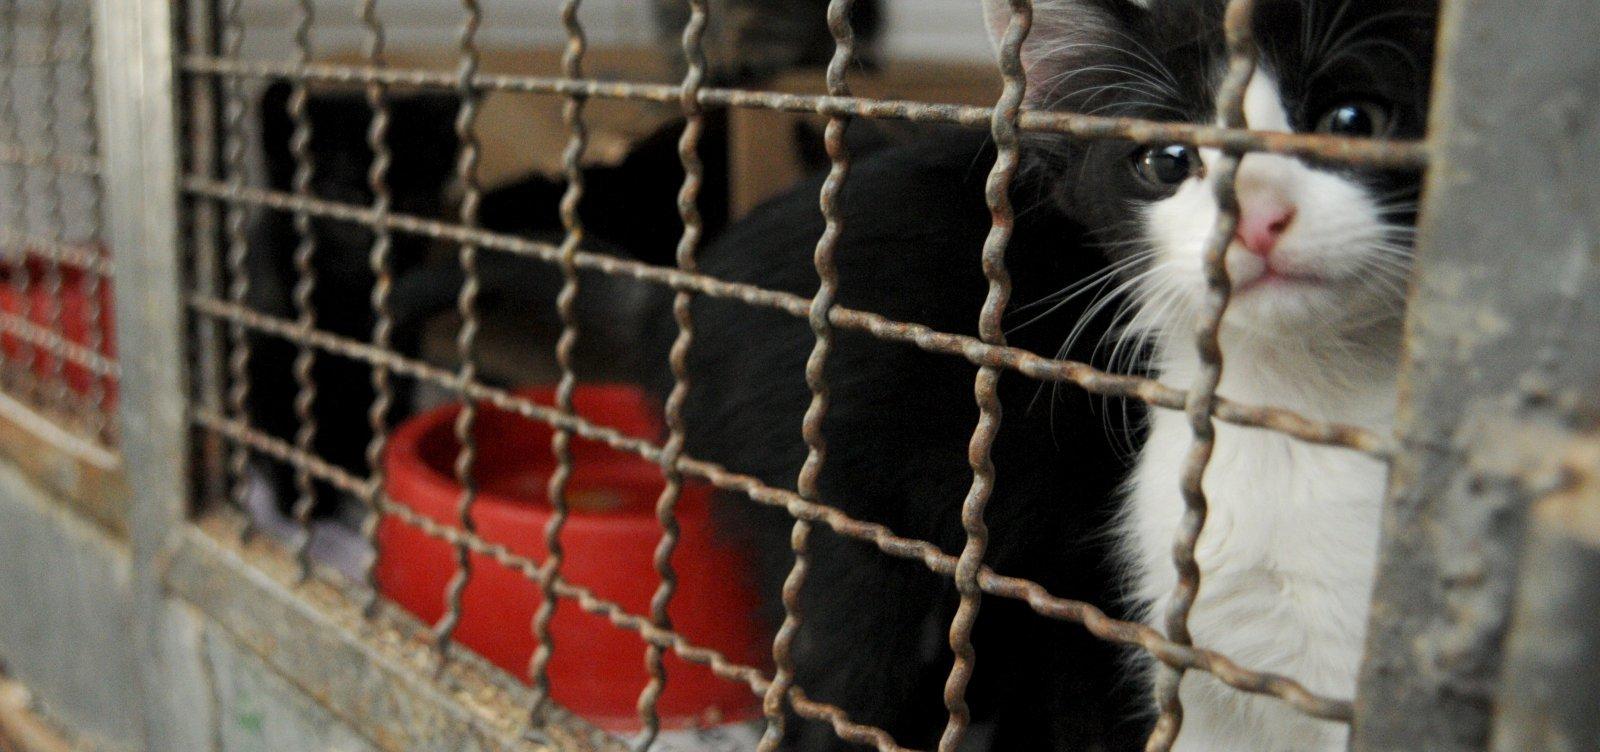 Feira de Adoção de animais será realizada no fim de semana em Salvador